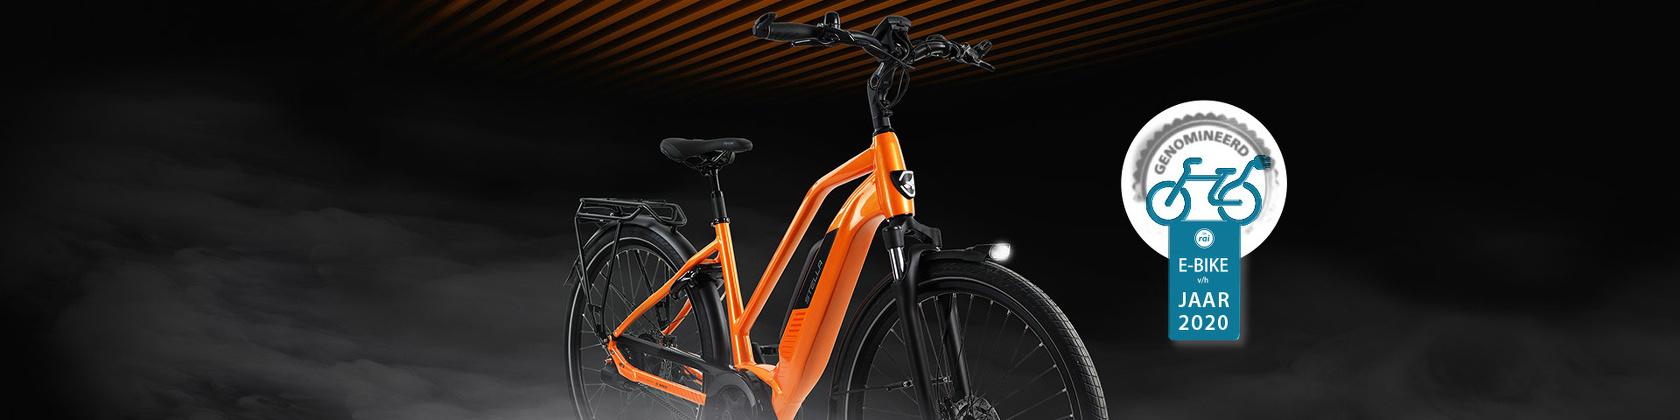 Stella Morena genomineerd E-bike van het Jaar 2020!